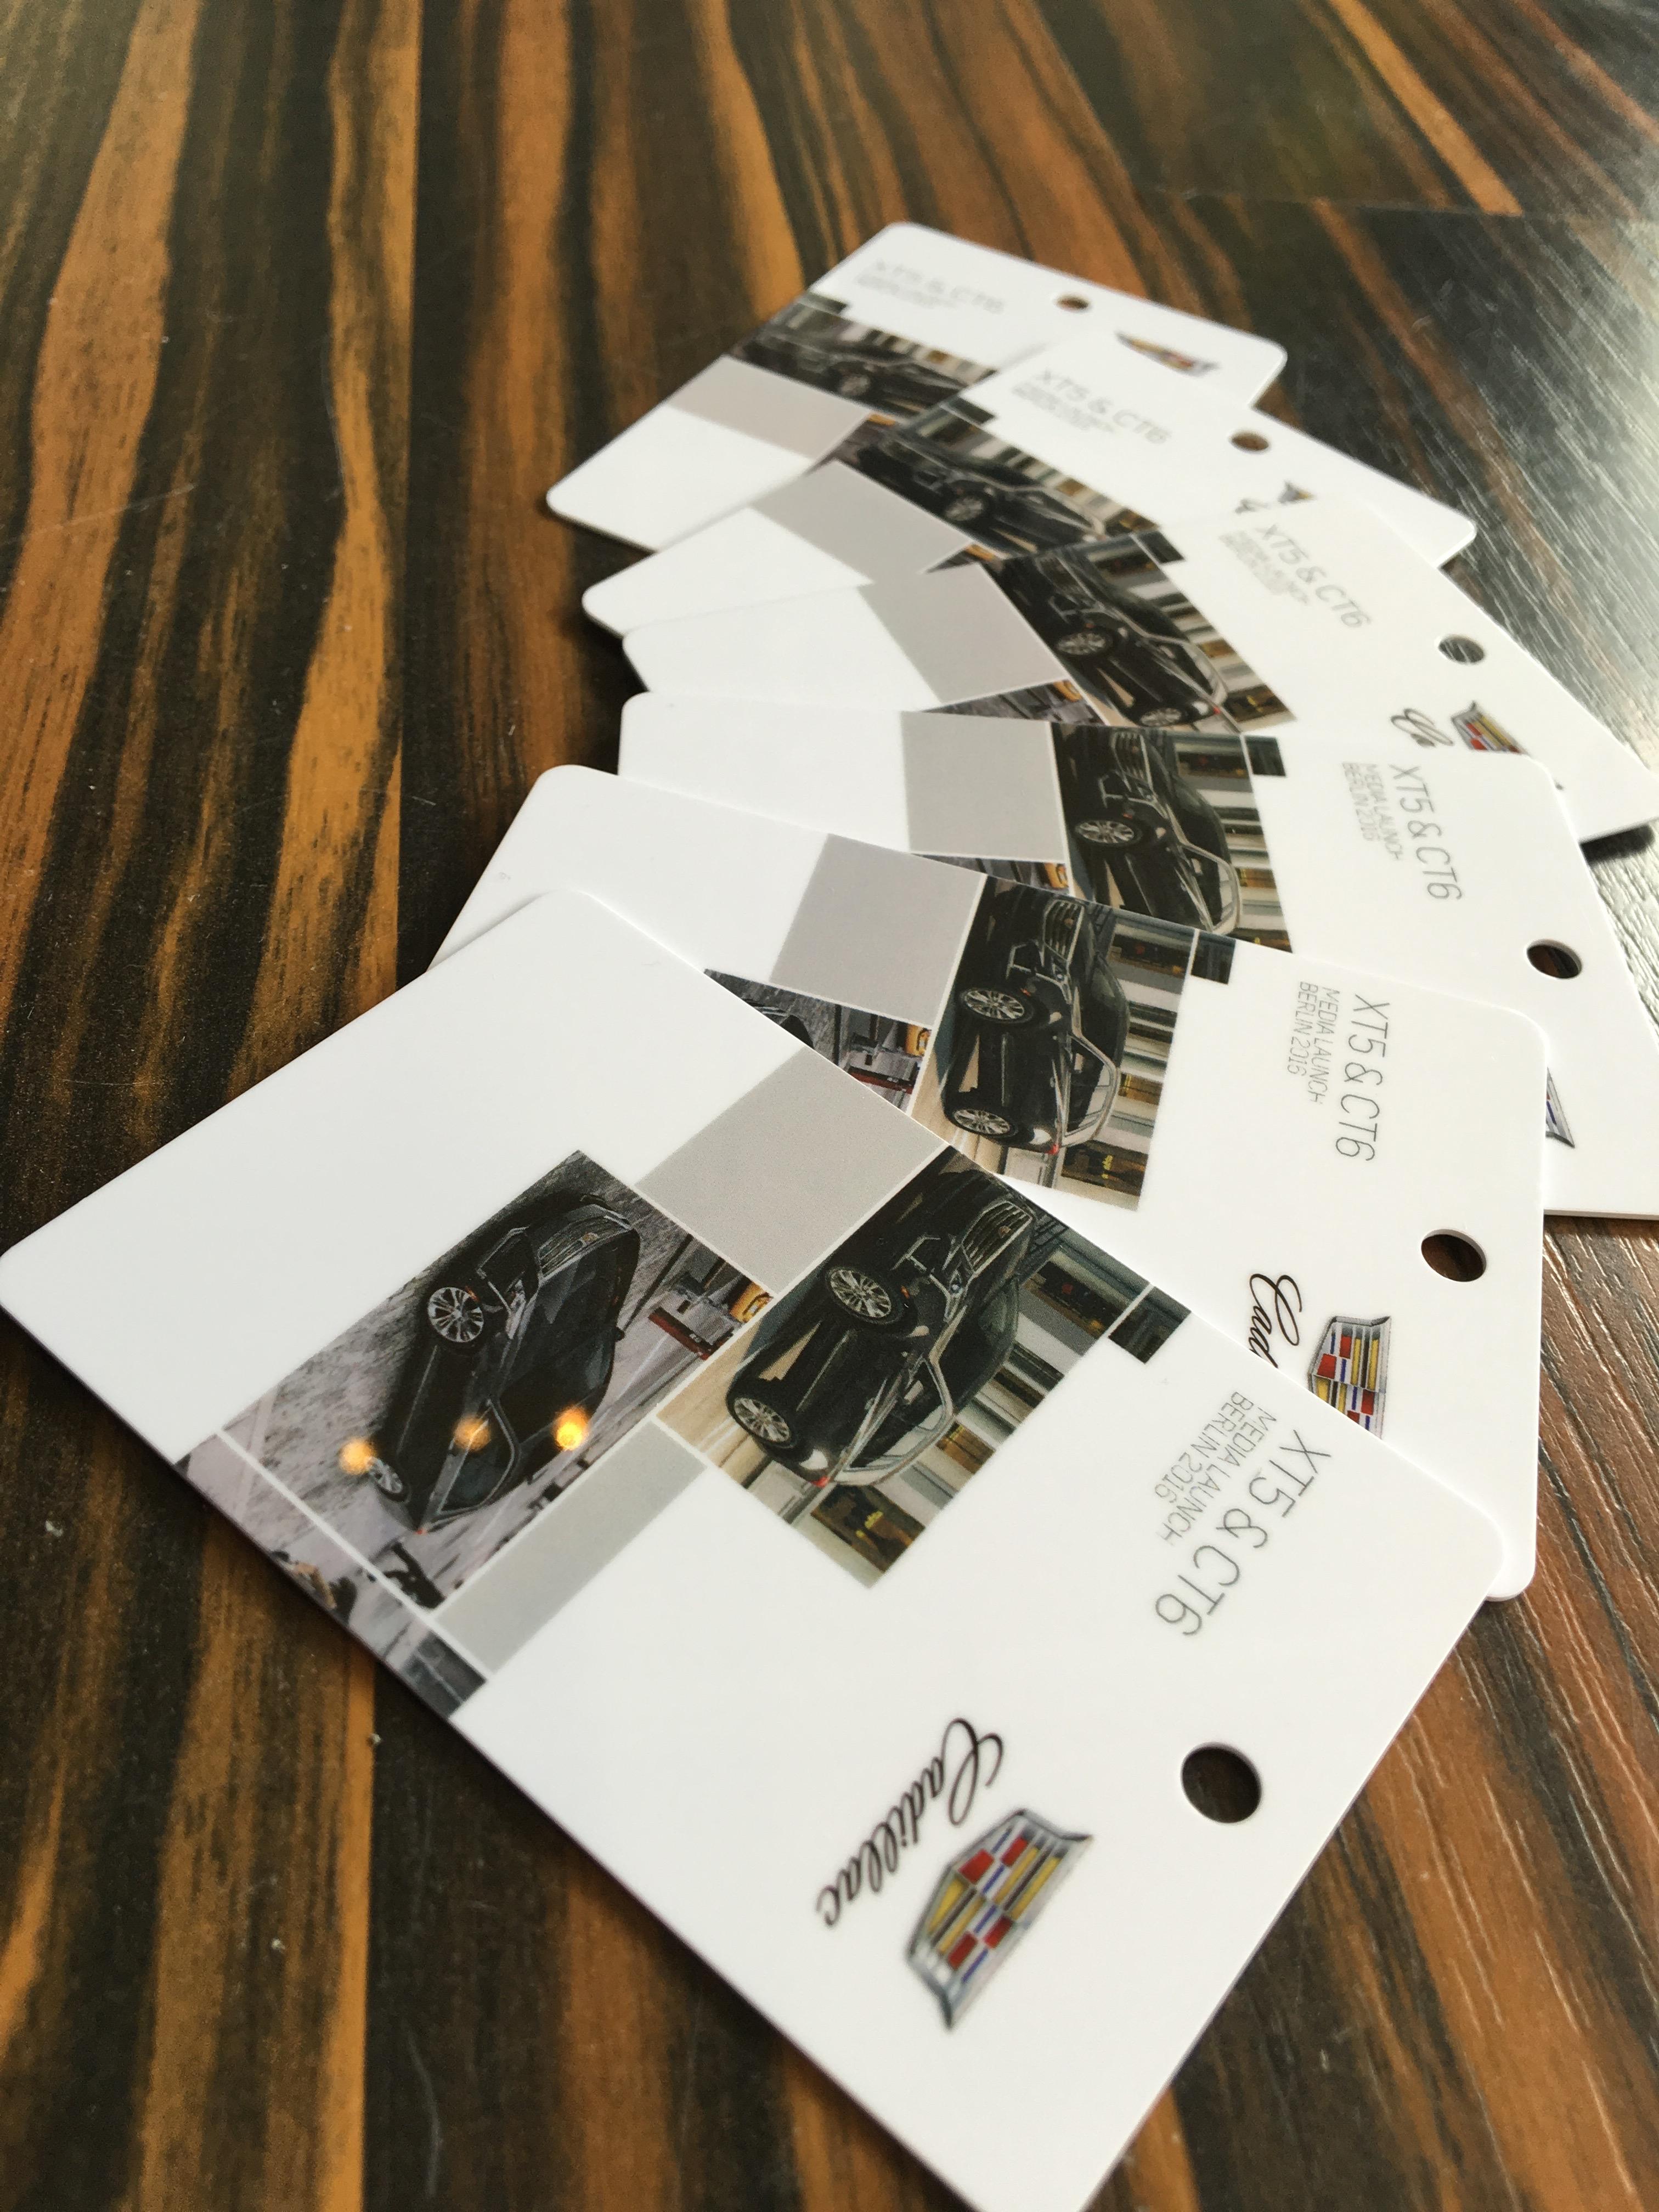 machmedia_lindner_gutscheine_plastikkarte3